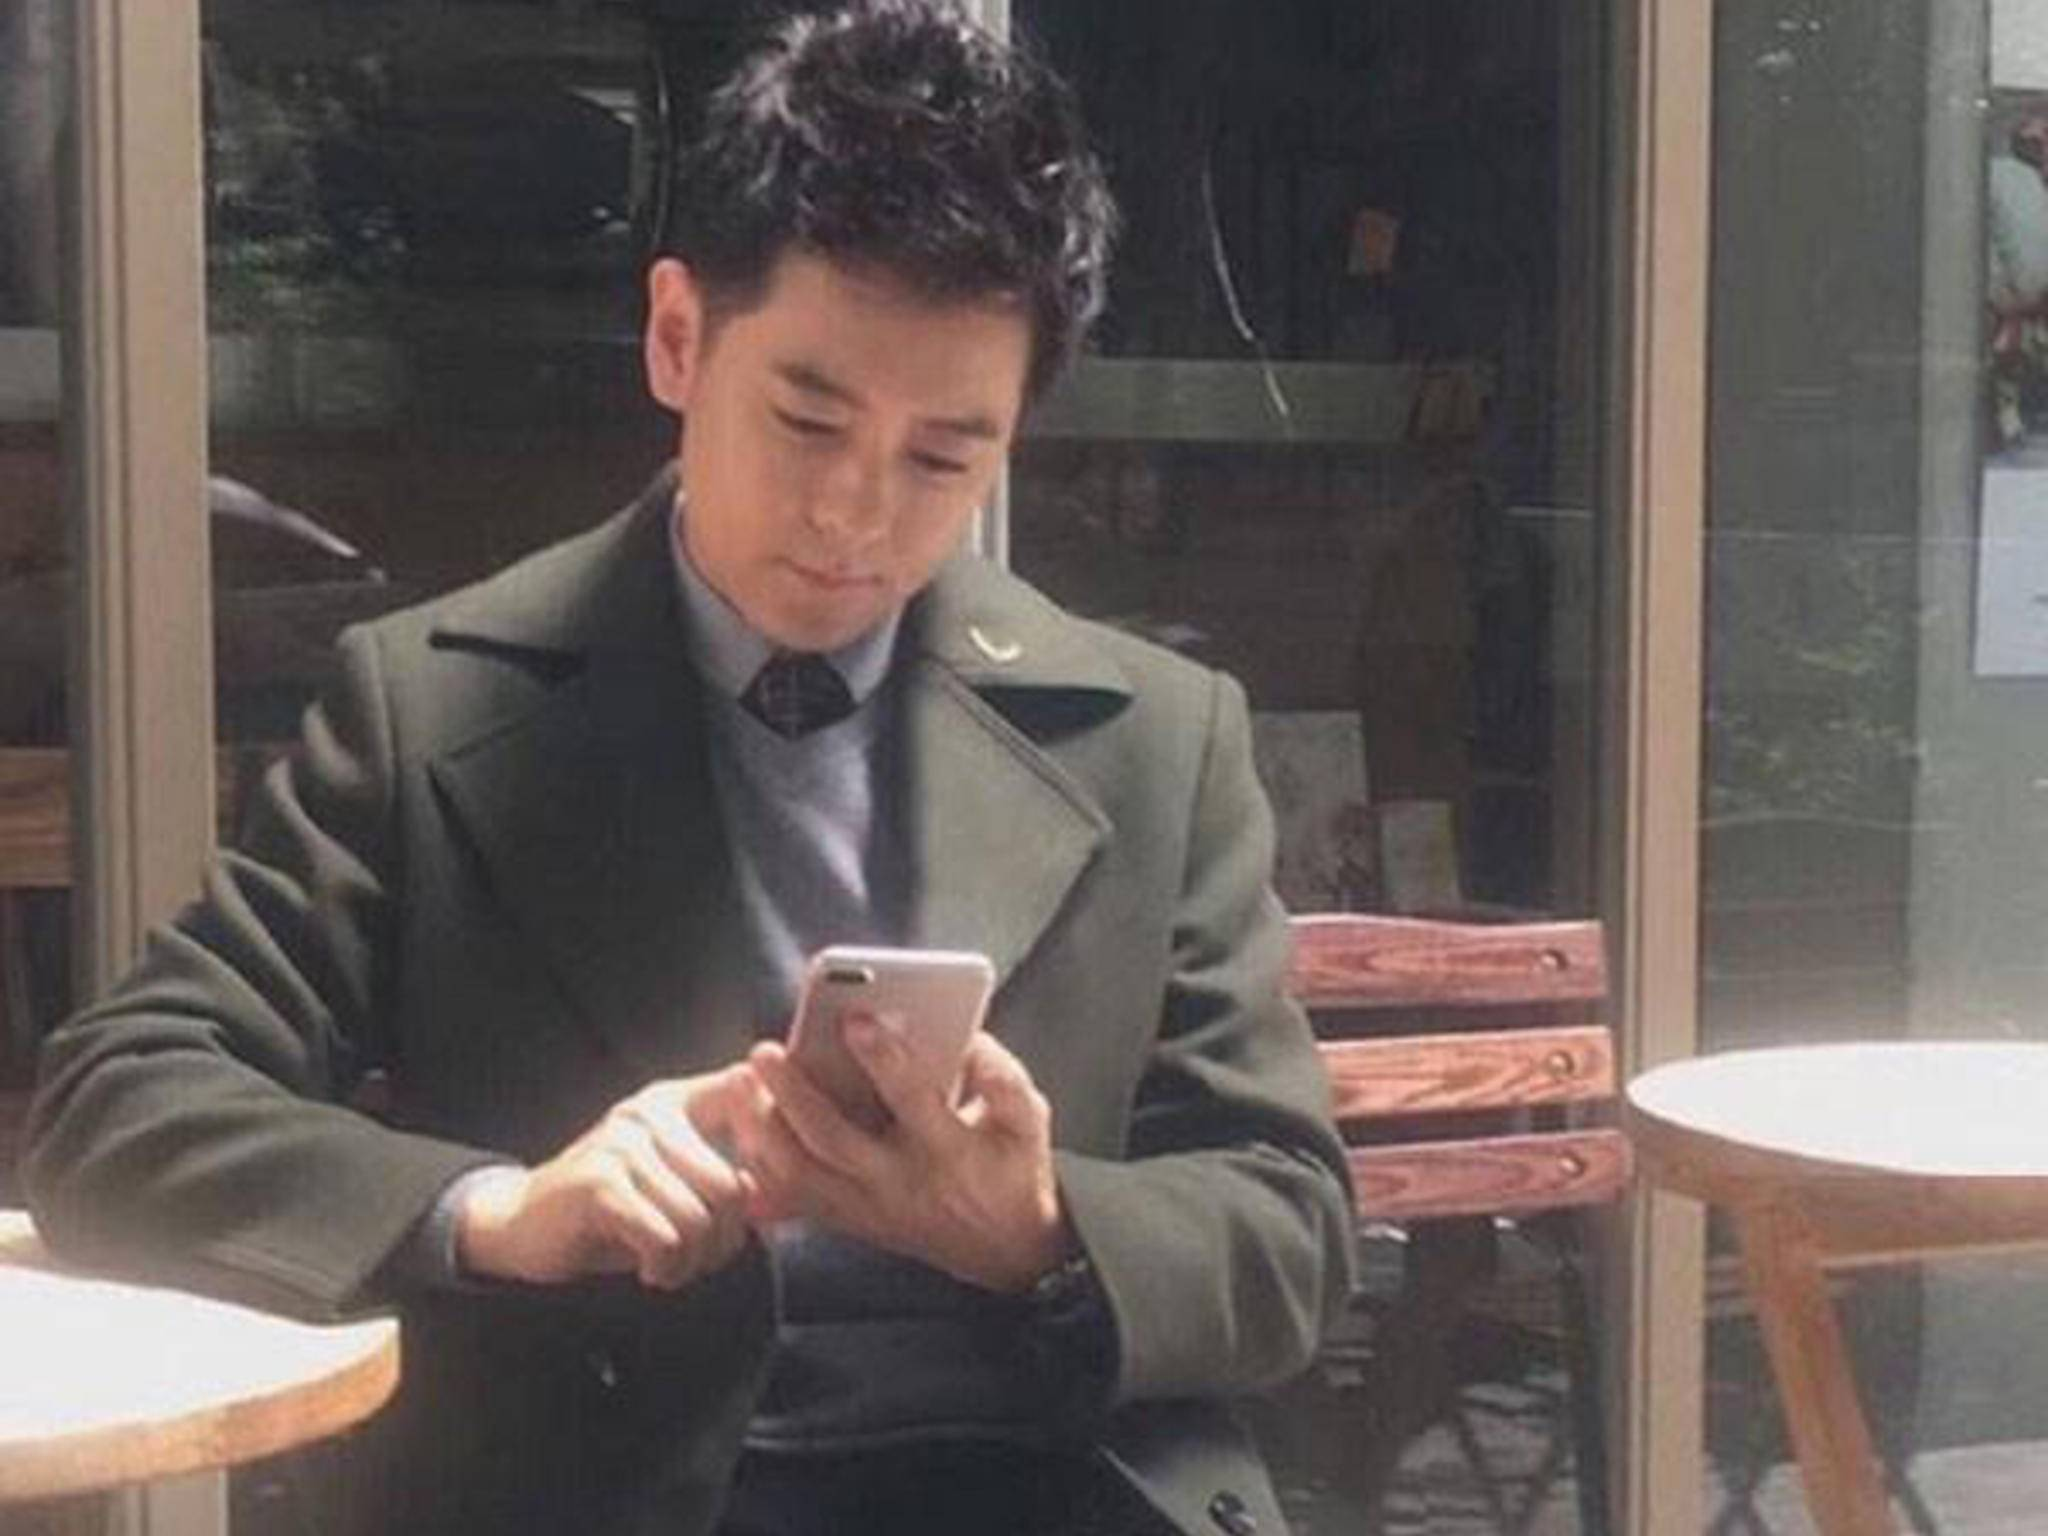 Der taiwanische Star Jimmy Lin mit einem vermeintlichen iPhone 7 Plus.